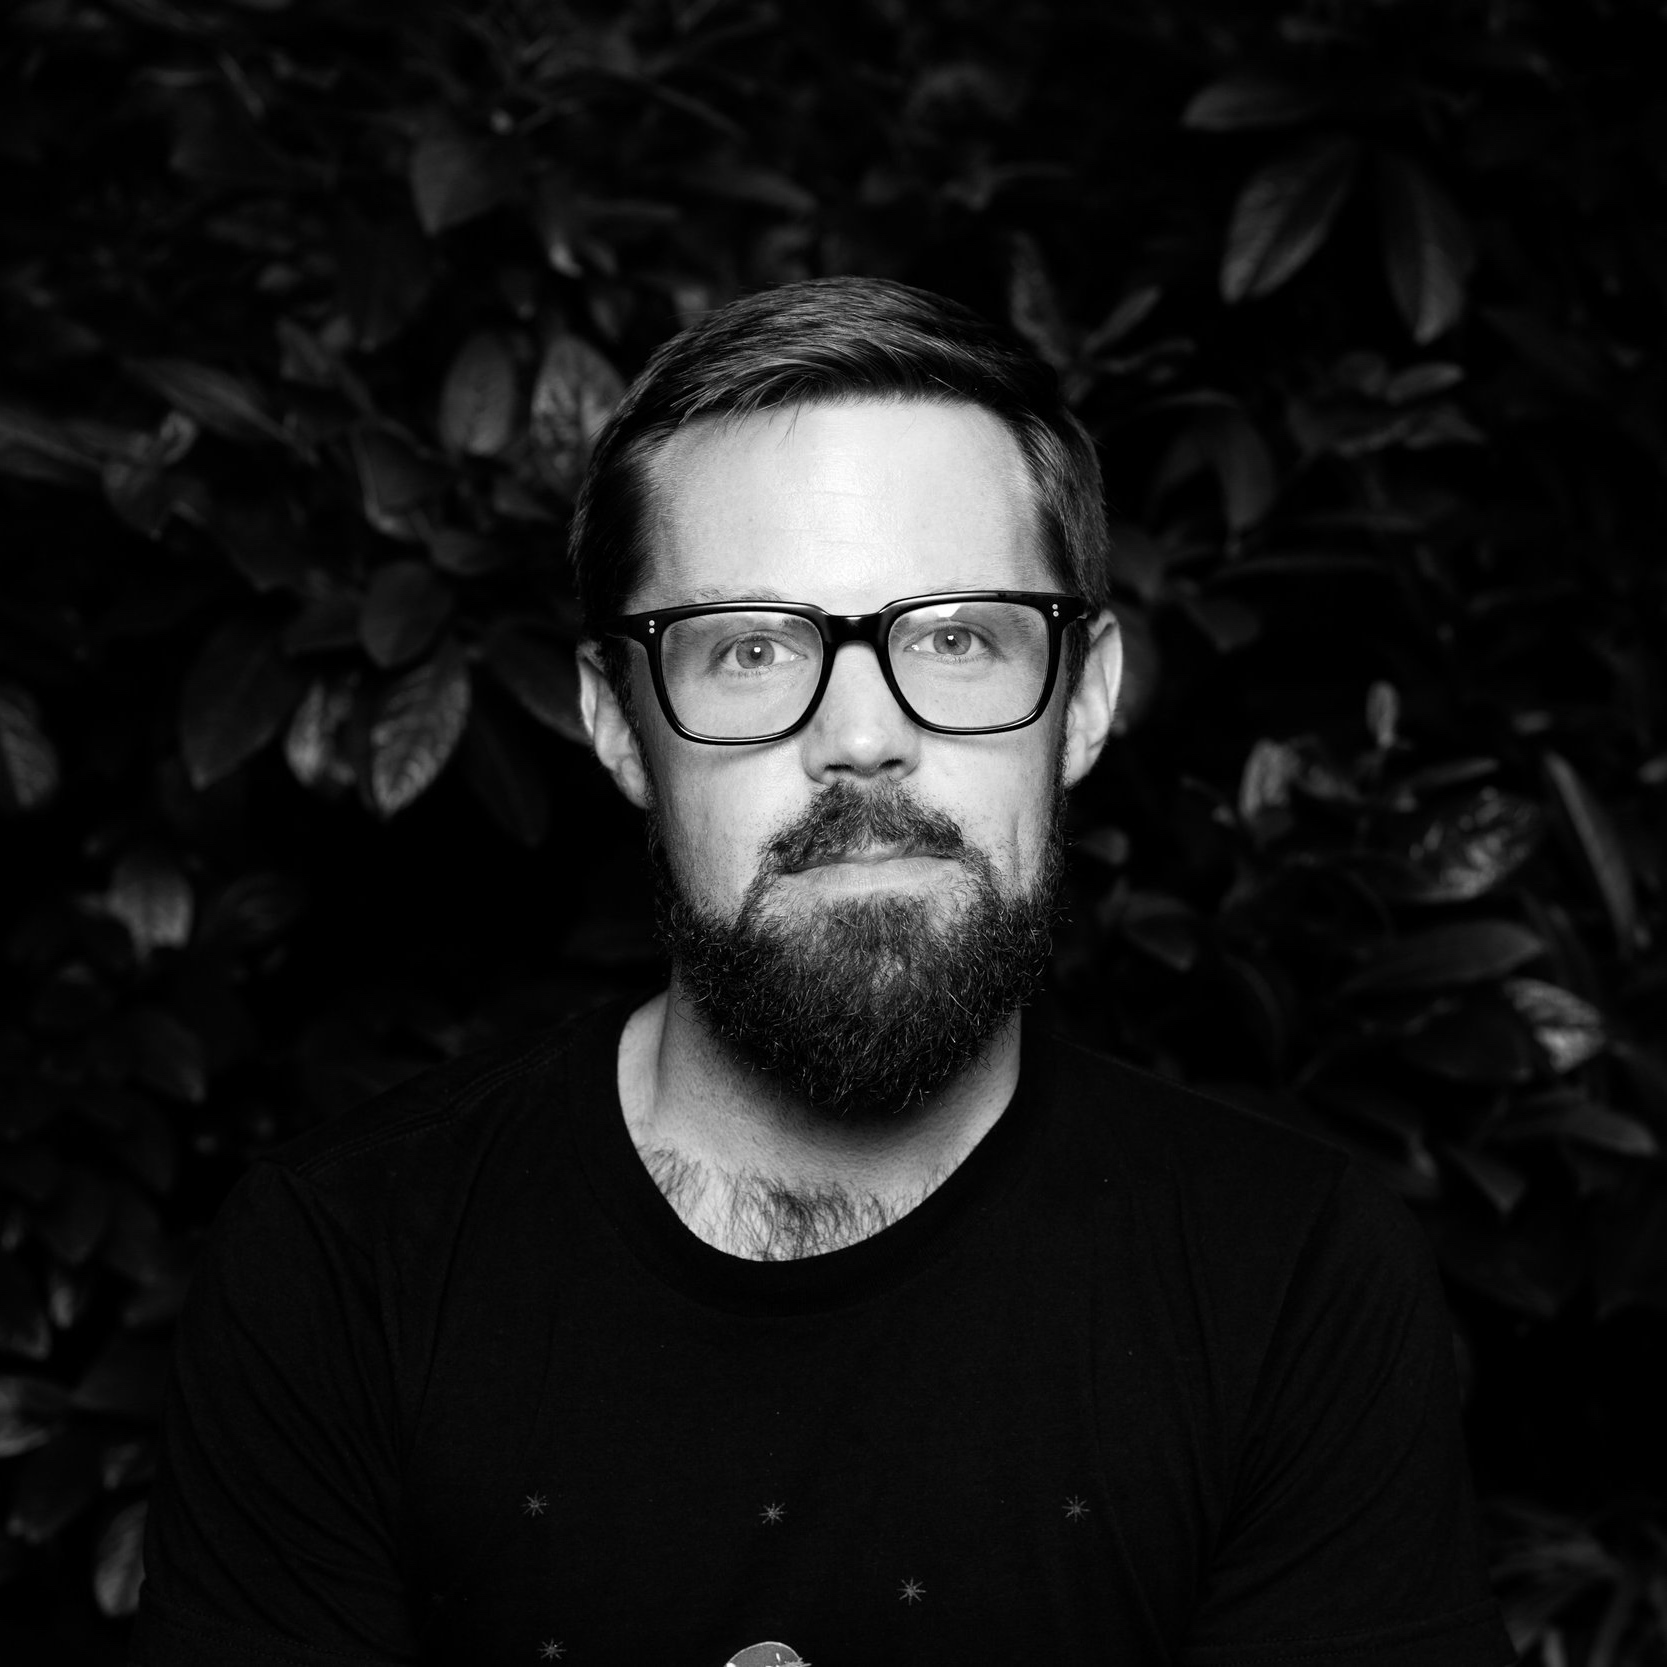 Andrew+Houchens+Headshot+2016.jpg